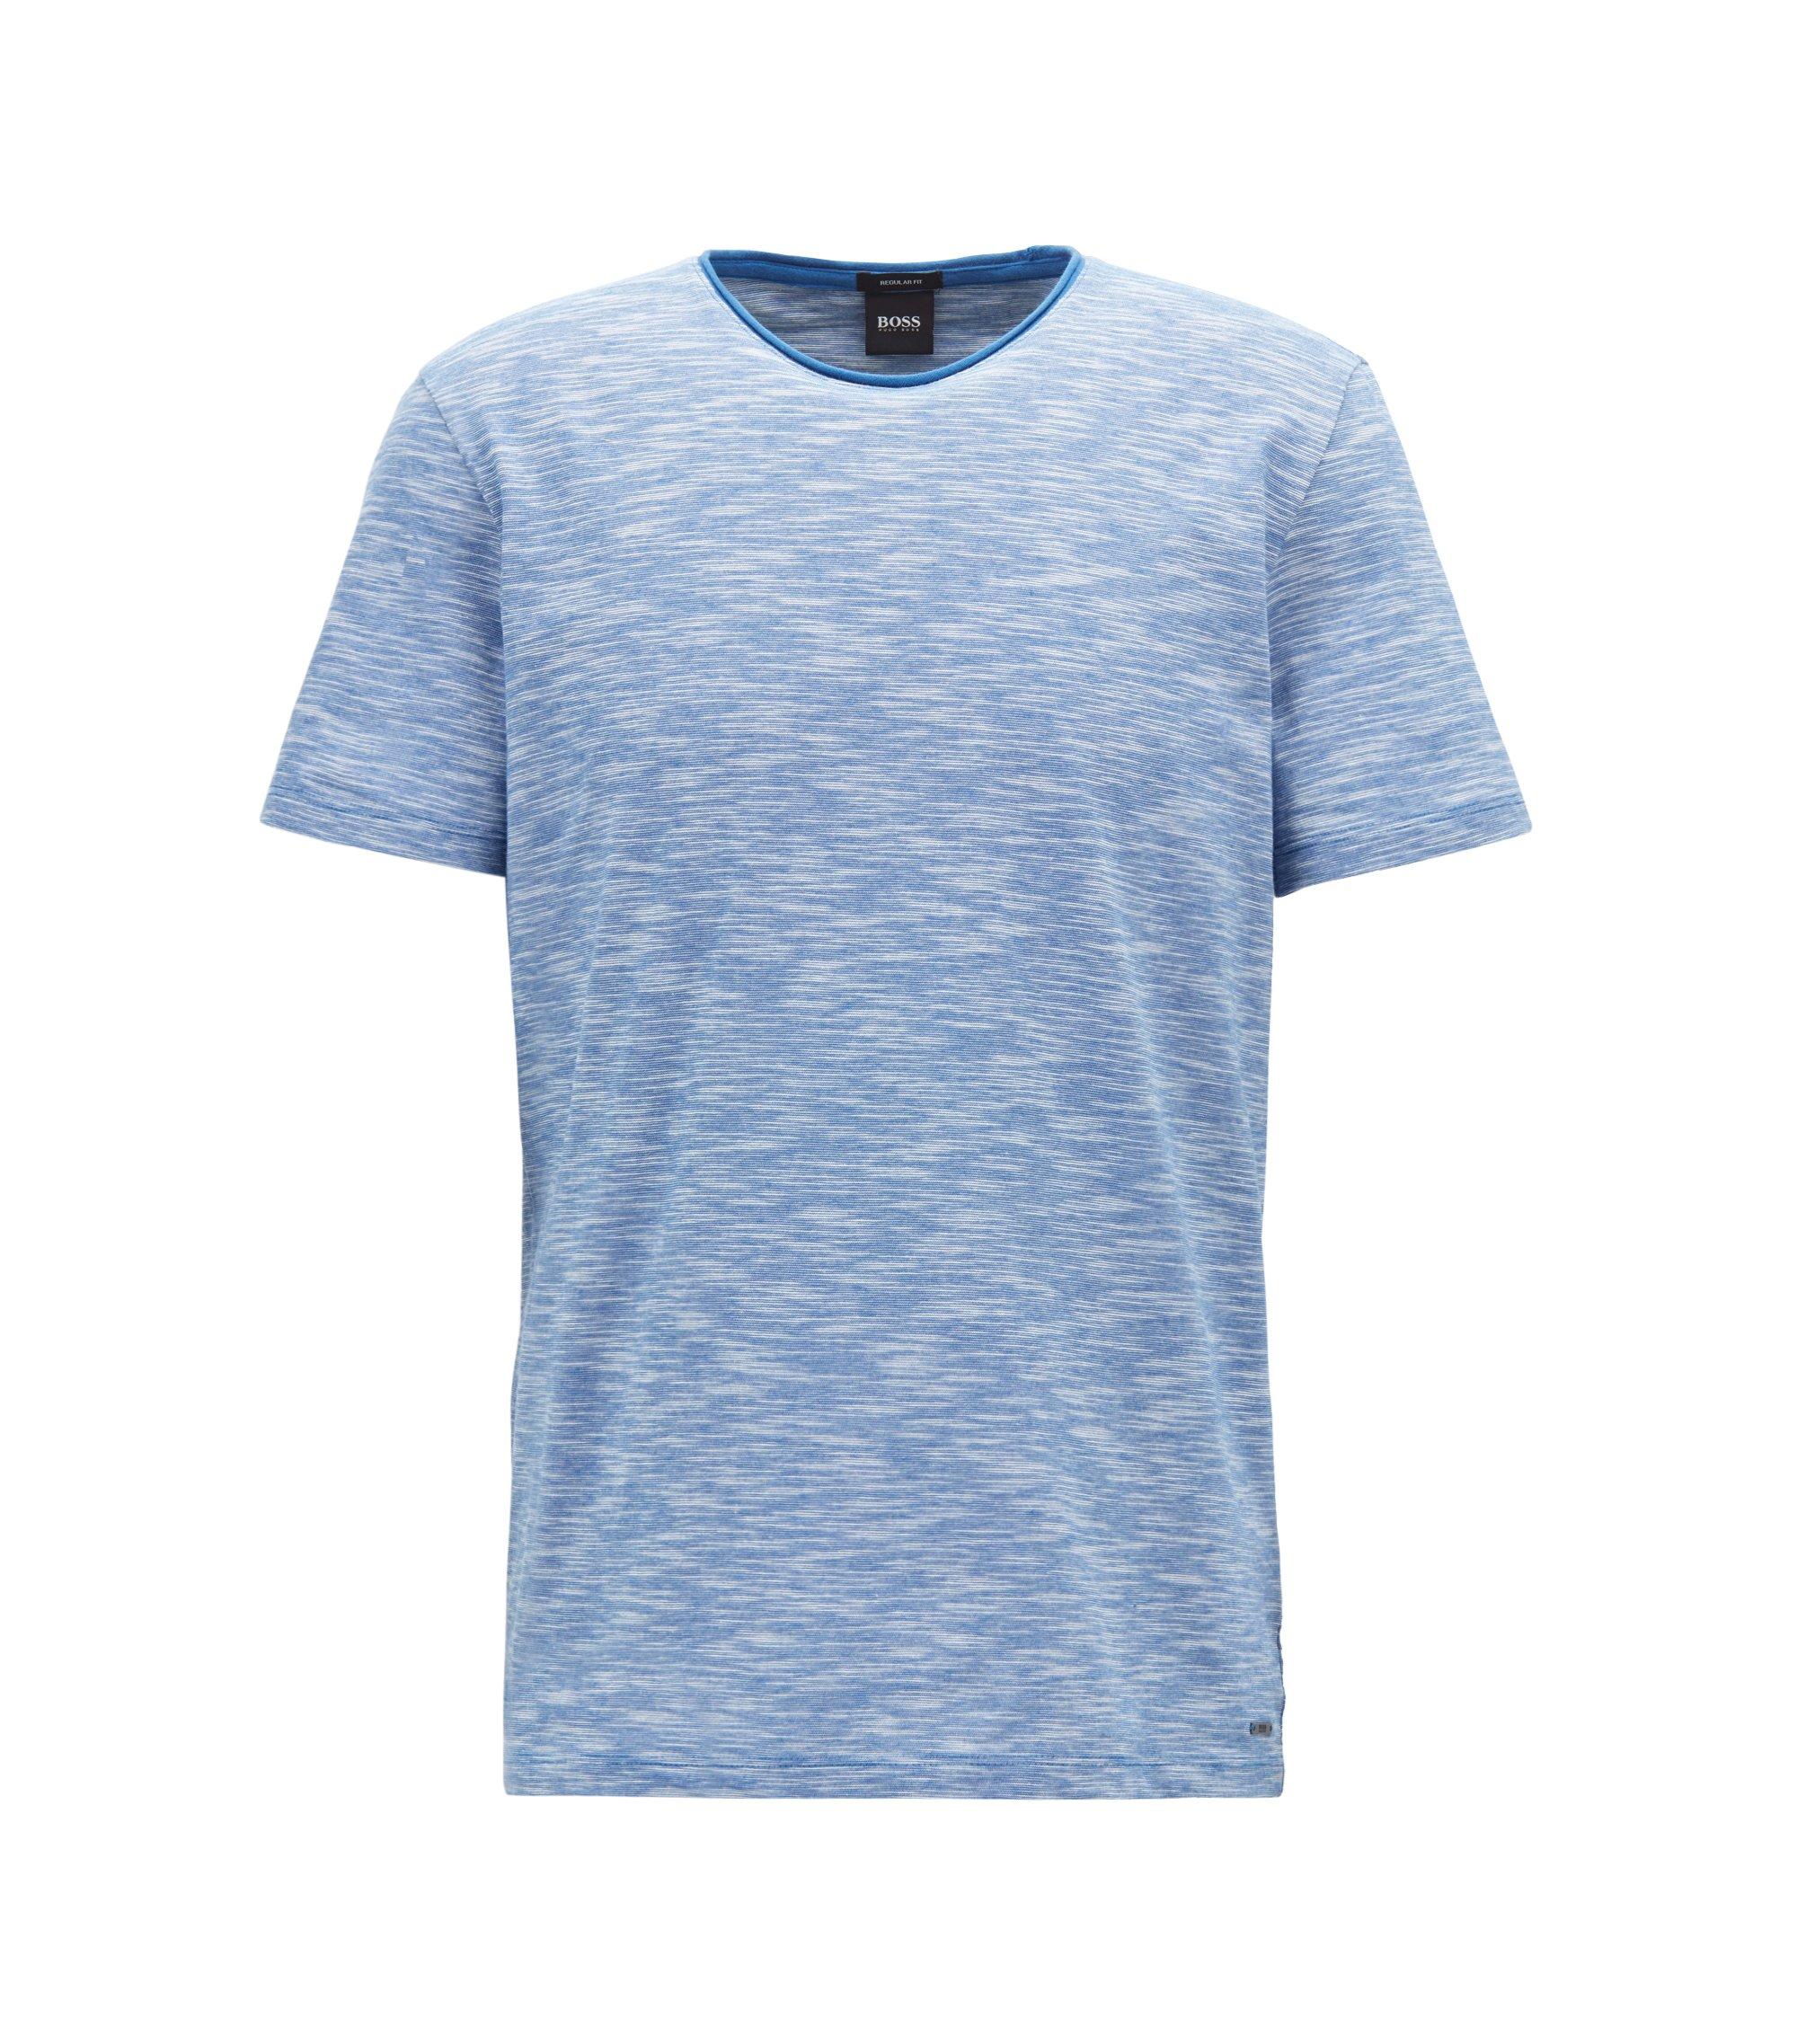 Mouliné T-shirt with raw-cut crew neckline, Open Blue